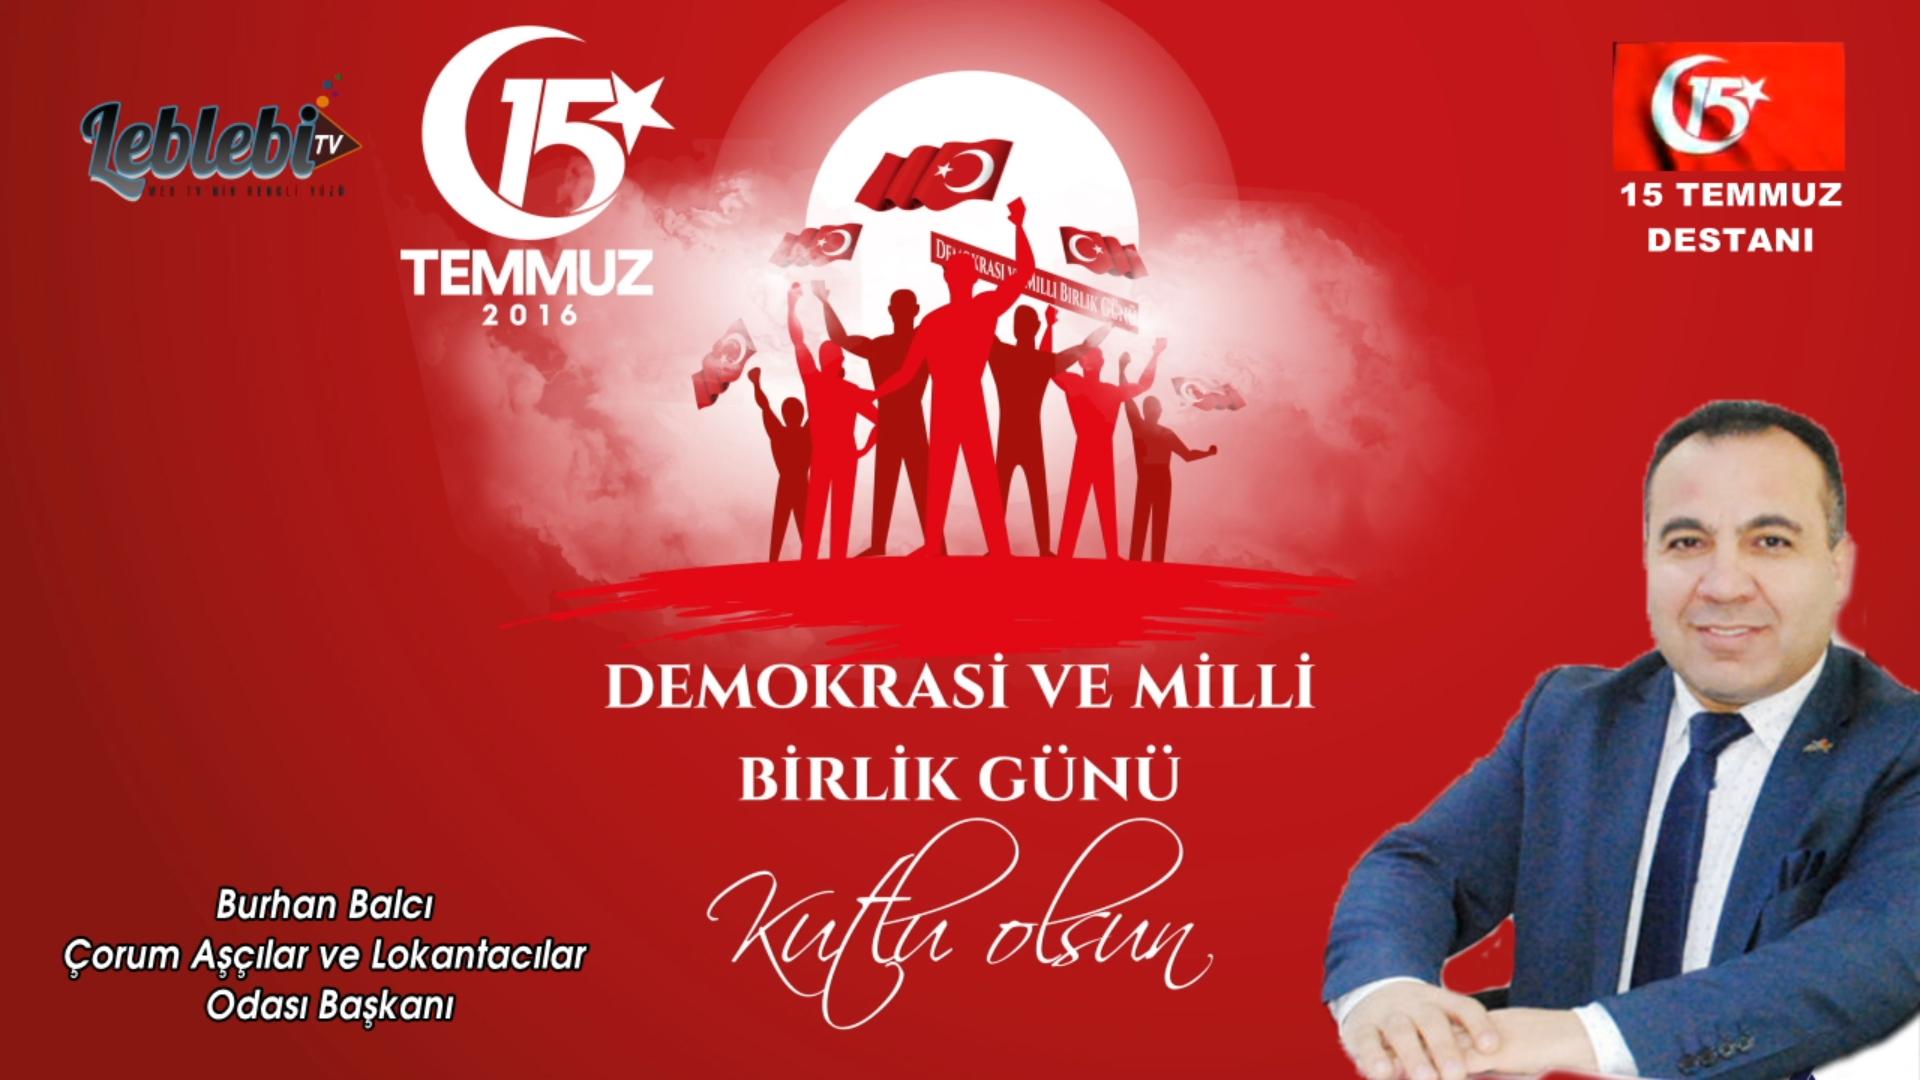 15 Temmuz Demokrasi ve Milli Birlik Gününüz Kutlu Olsun